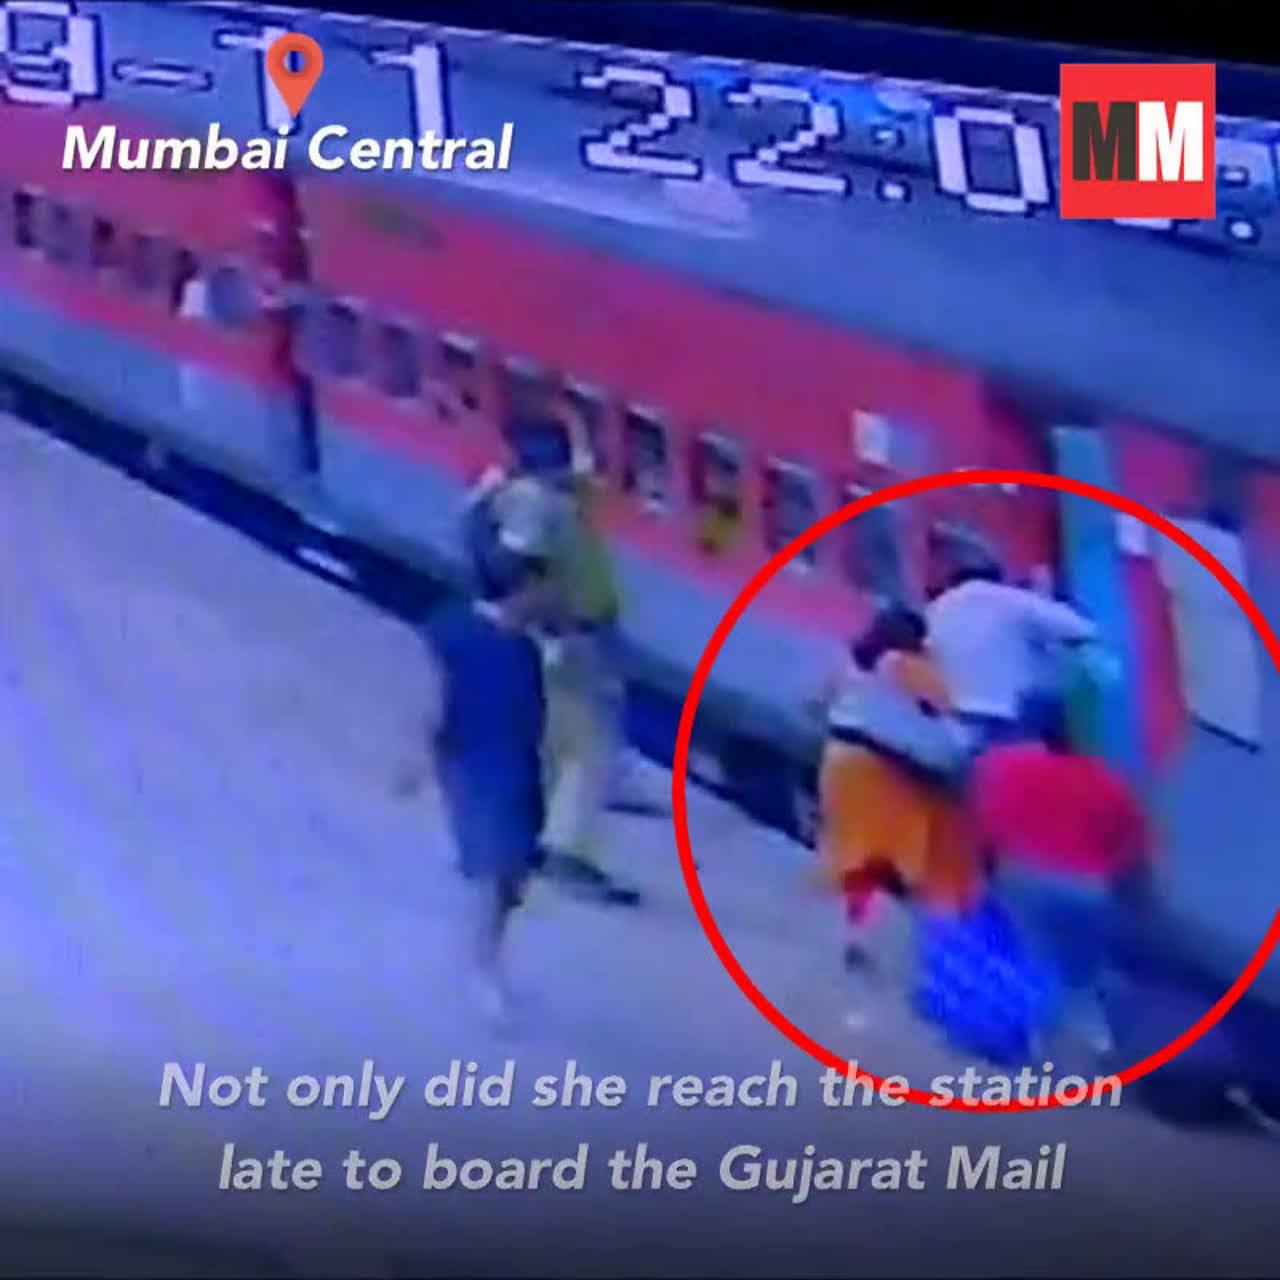 Watch: RPF jawan saves woman's life at Mumbai Central station